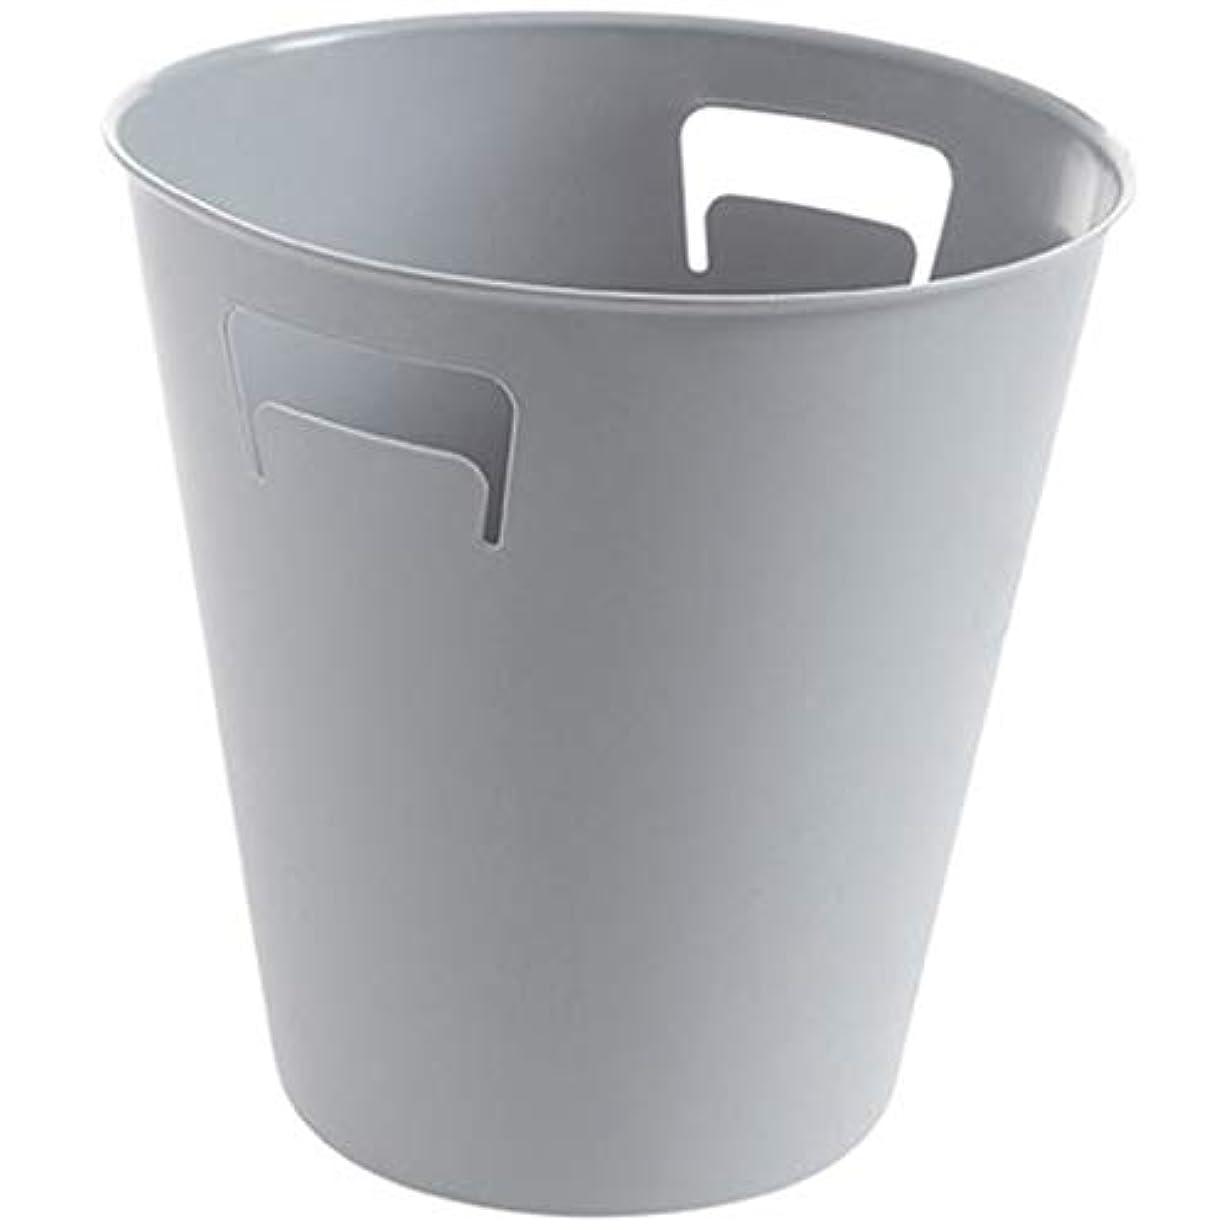 IUYWLごみ箱 いいえ圧力リング丸ゴミ箱ゴミ箱pressureキッチン浴室家庭用プラスチックゴミ箱ゴミ箱 IUYWLごみ箱 (Color : Gray)